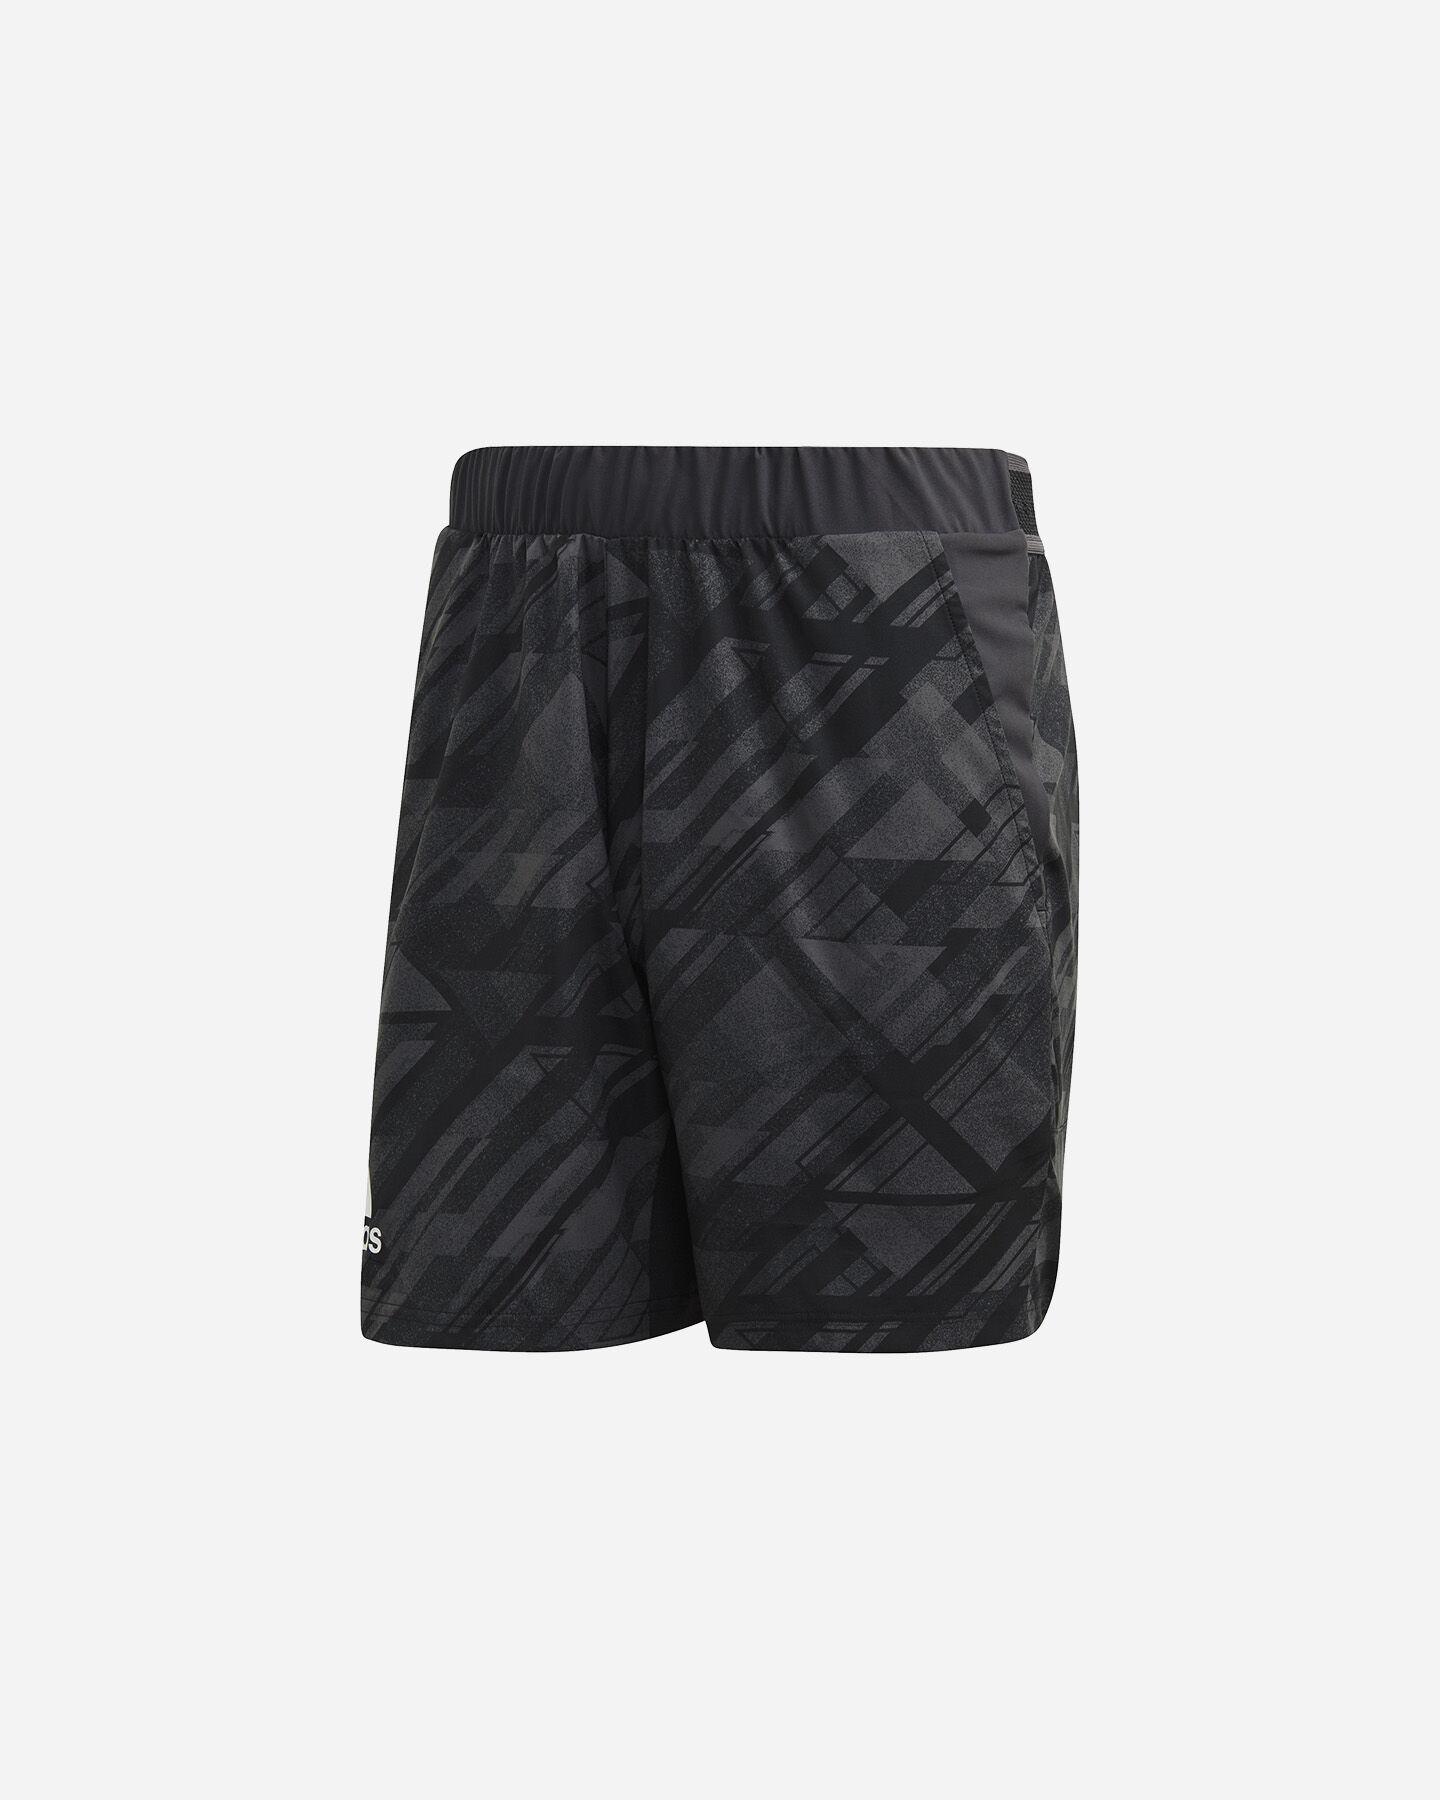 Pantaloncini tennis ADIDAS ERGO PRINTED AEROREADY M S5212238 scatto 0